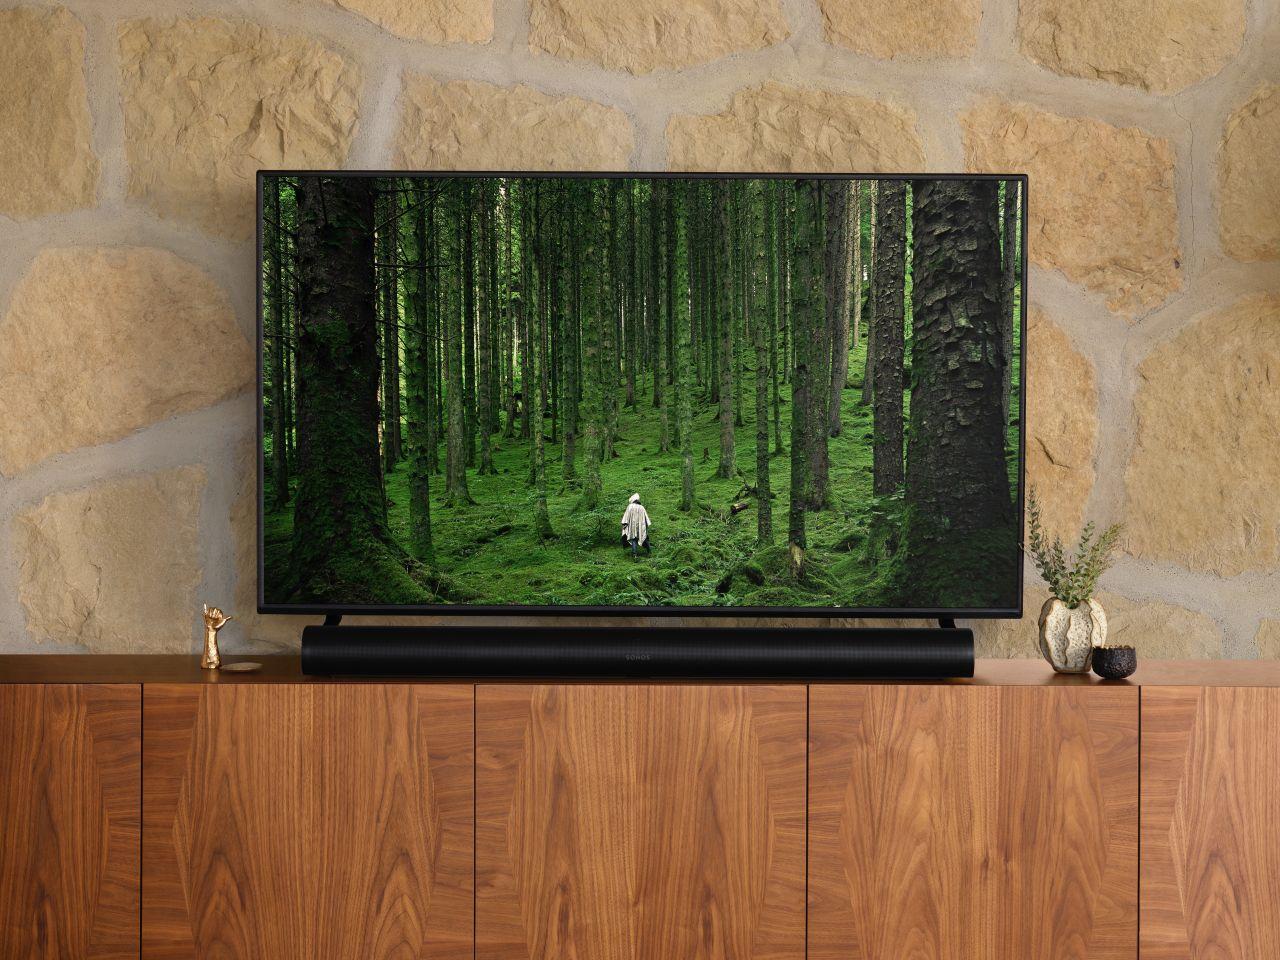 Der Sonos Arc unter einem TV